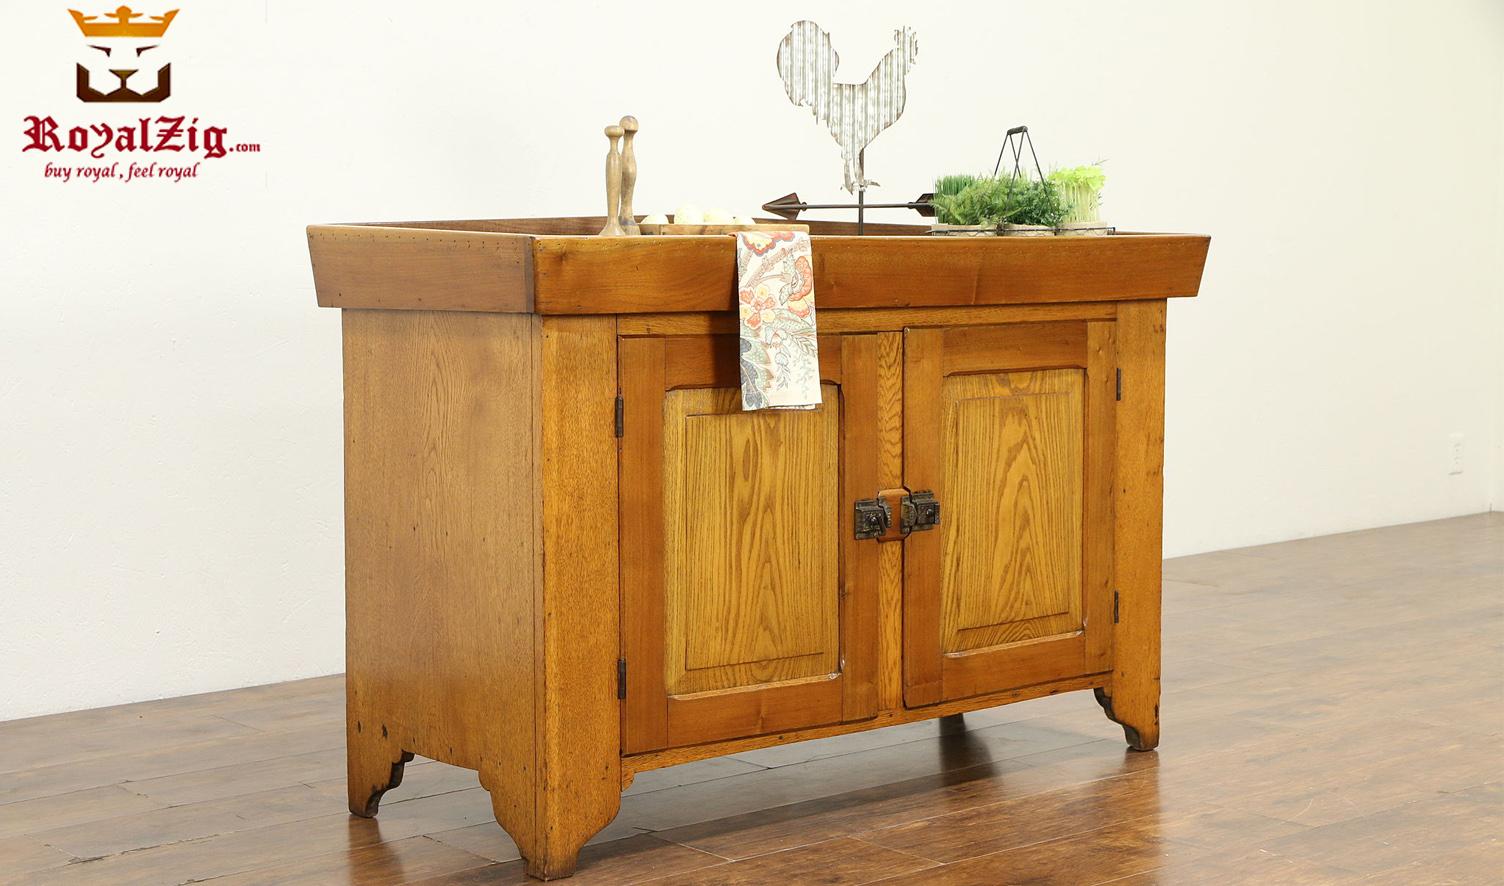 Elizabeth Antique Style Teak Wood Pantry Cabinet - RoyalZig